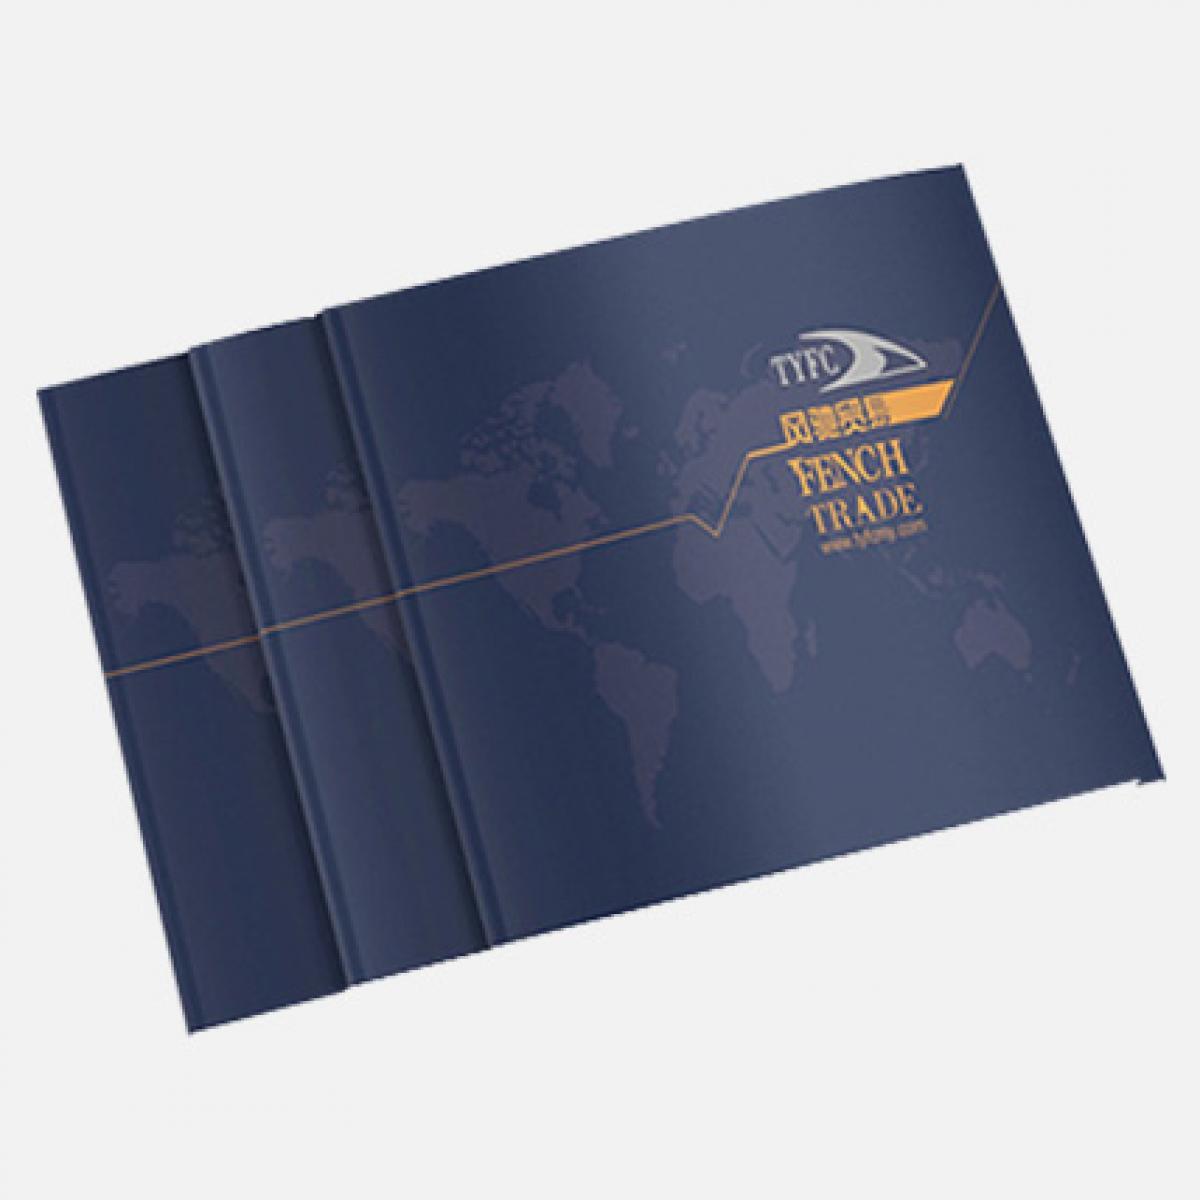 锁线胶装画册